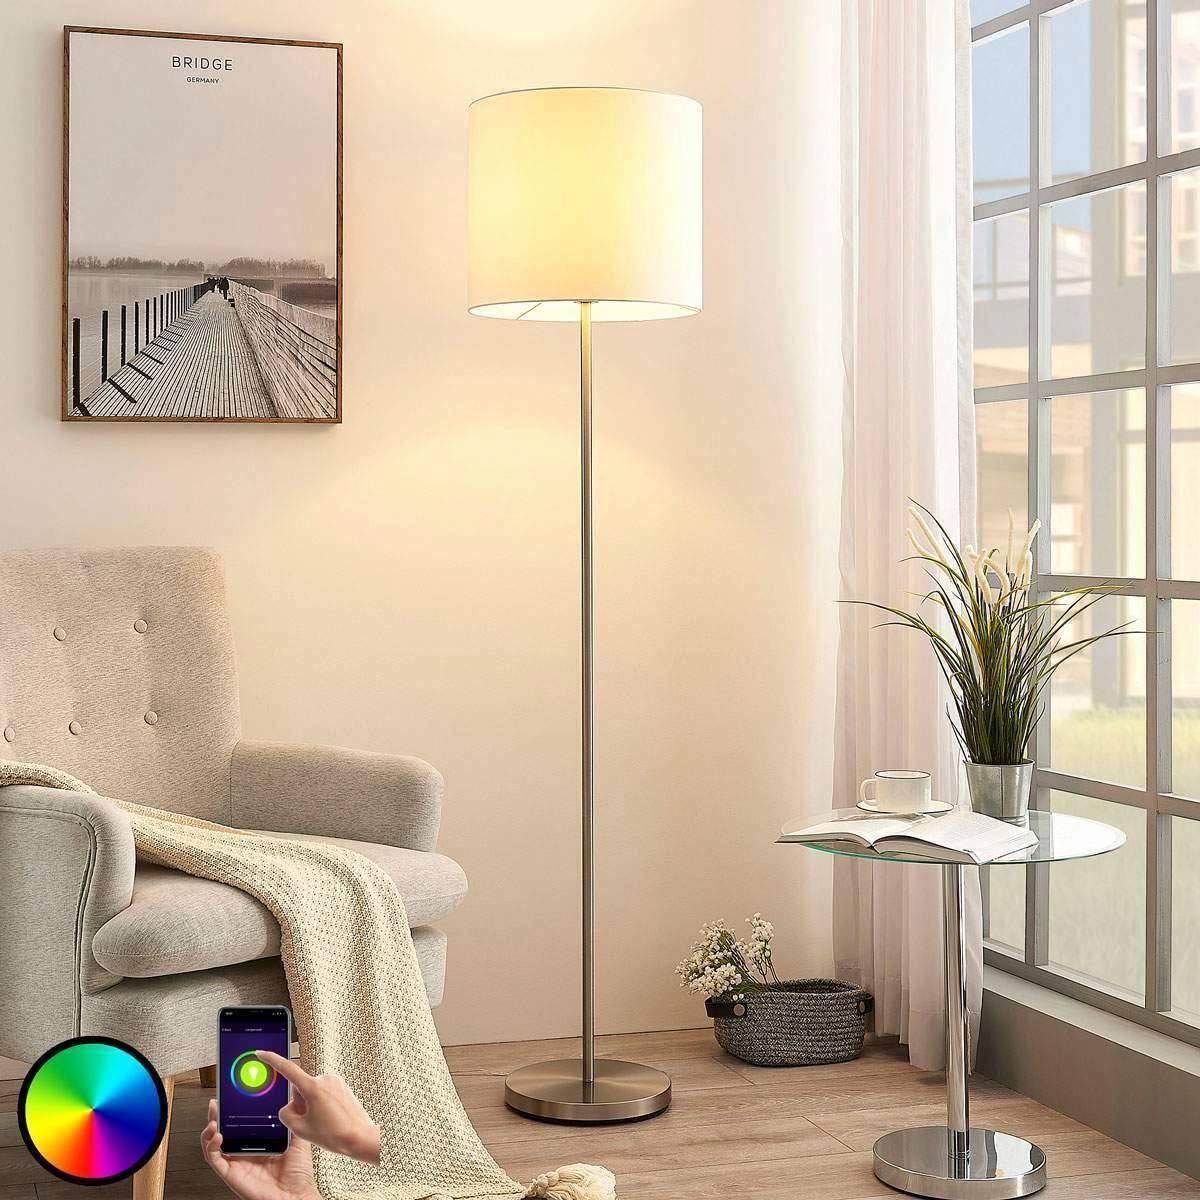 Full Size of Stehleuchte Wohnzimmer Dimmbar Moderne Stehleuchten Modern Led Design Lampe Leuchte Stehlampe Schoumln Neu Fresh Komplett Fototapeten Decke Deckenleuchte Wohnzimmer Stehleuchte Wohnzimmer